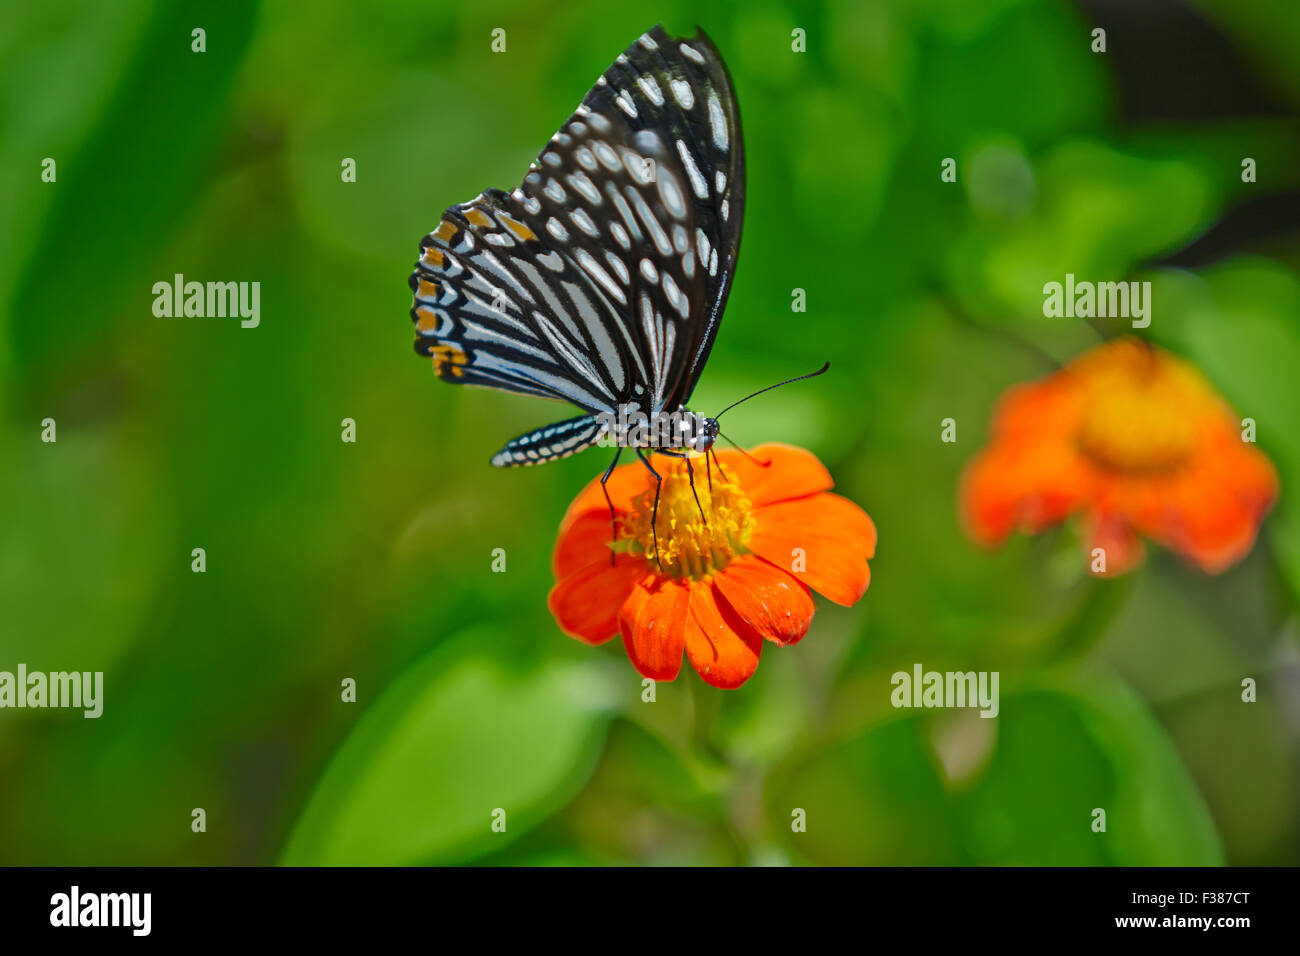 Die gemeinsame Mime-Schmetterling, form Dissimilis auf einer Blume. Wissenschaftlicher Name: Papilio clytia. Banteay Stockbild